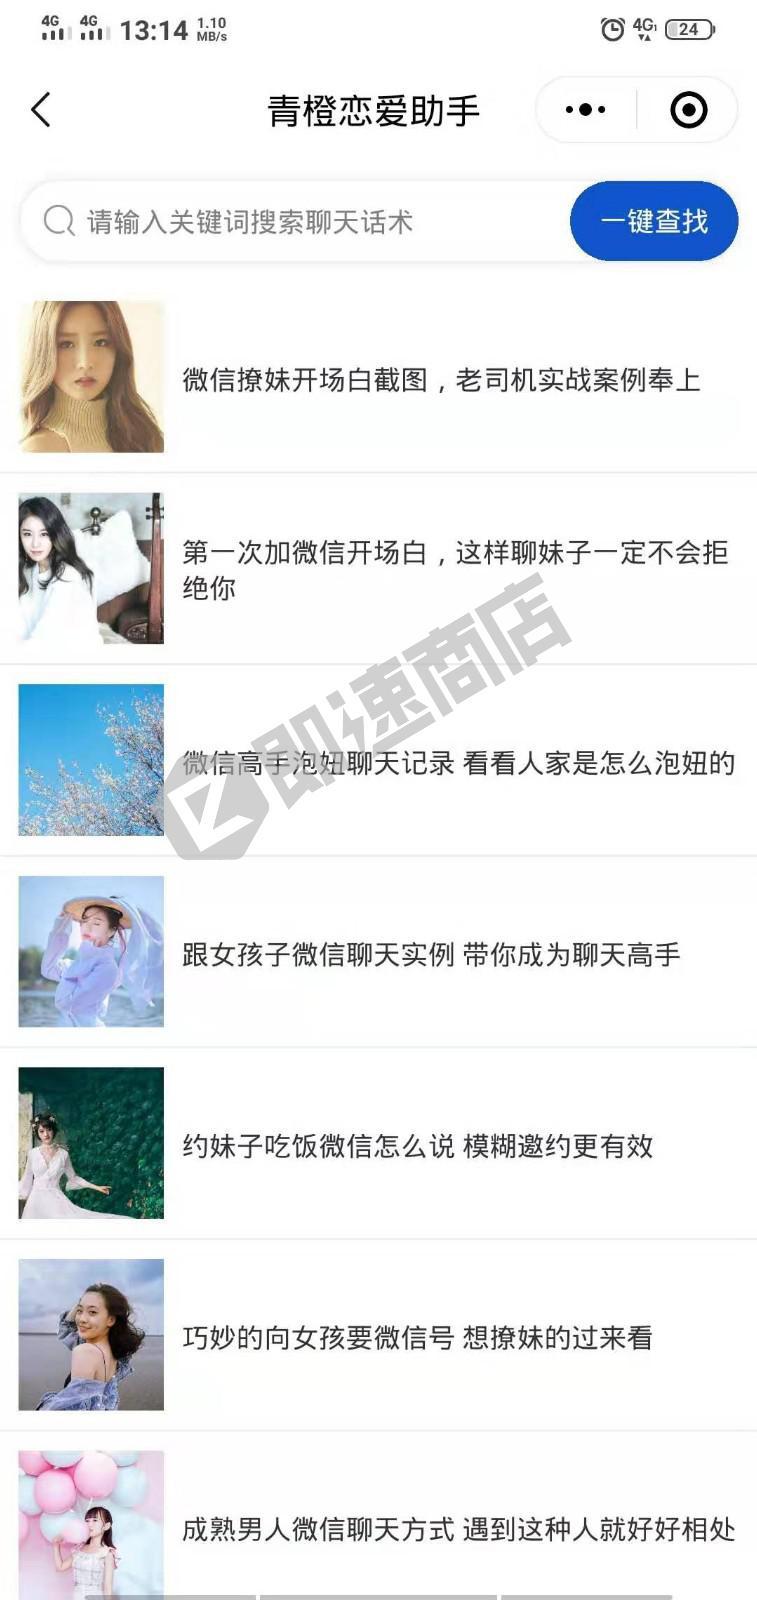 青橙恋爱助手小程序列表页截图